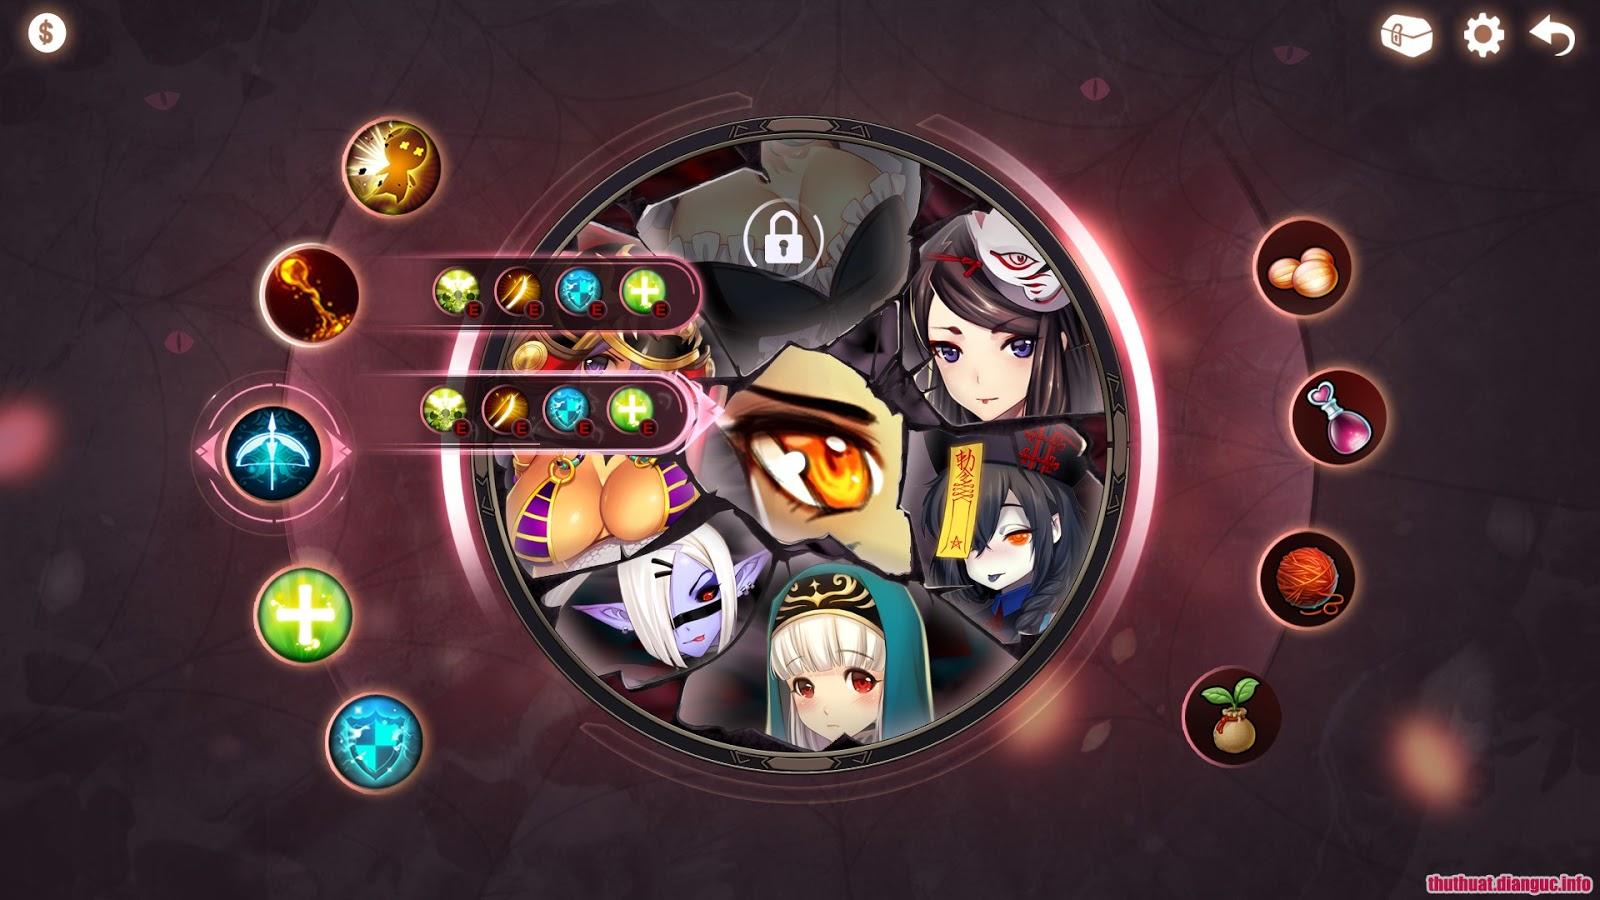 Download Game Mirror Full Crack, Game Mirror, Game Mirror free download,